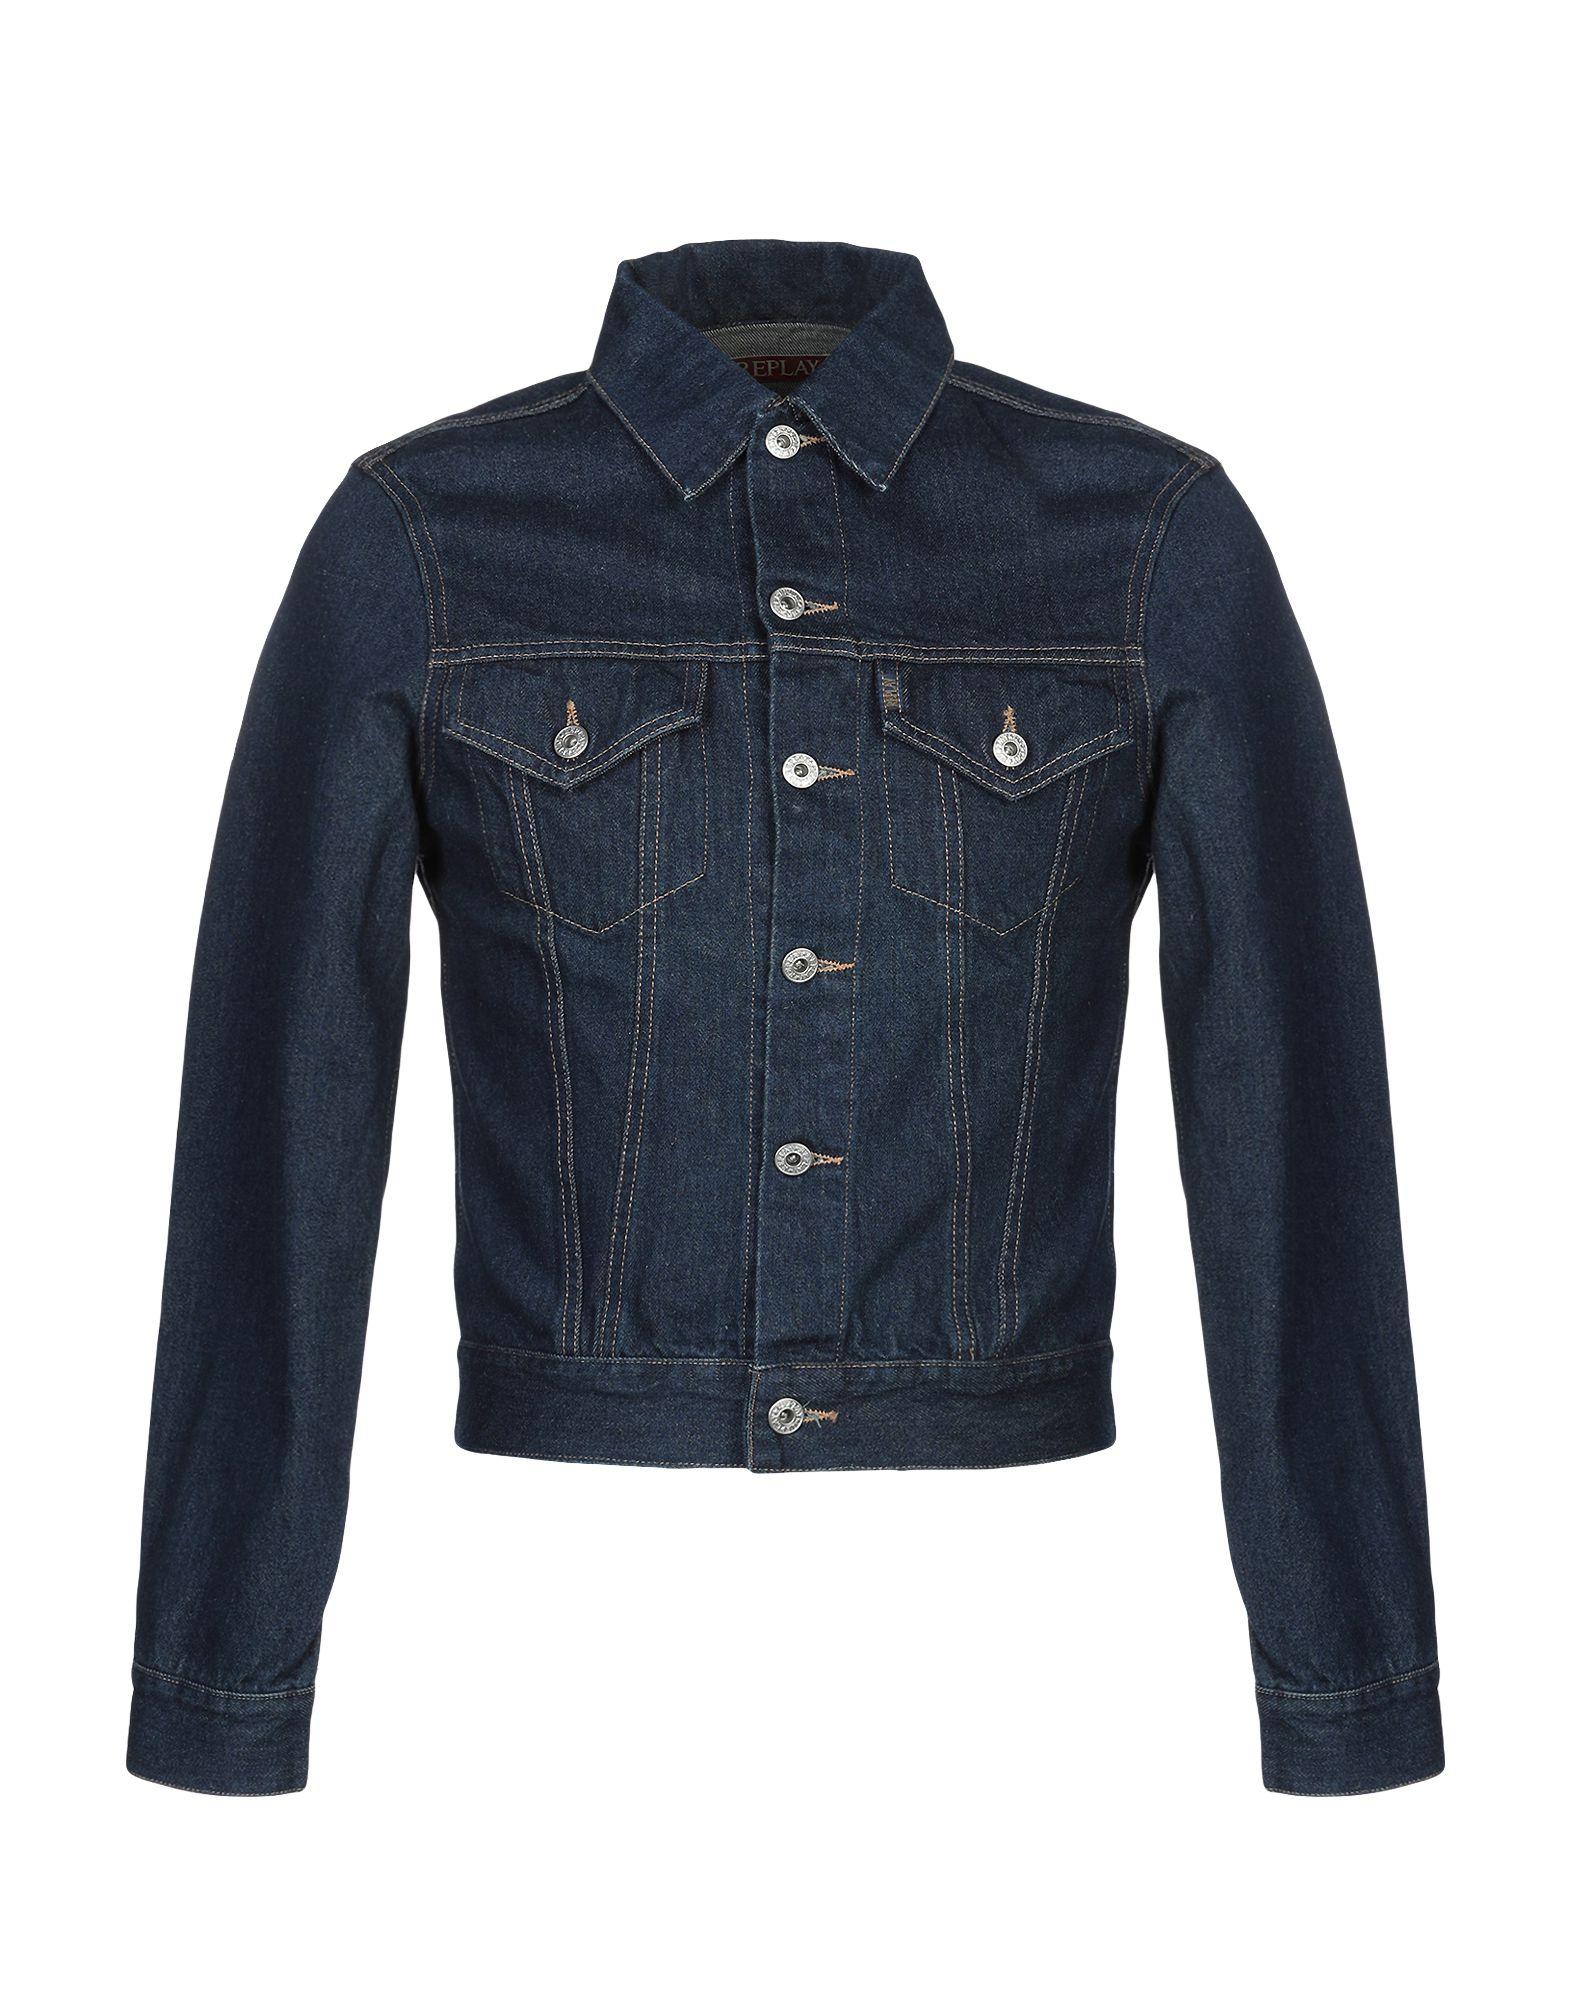 REPLAY Джинсовая верхняя одежда цена 2017